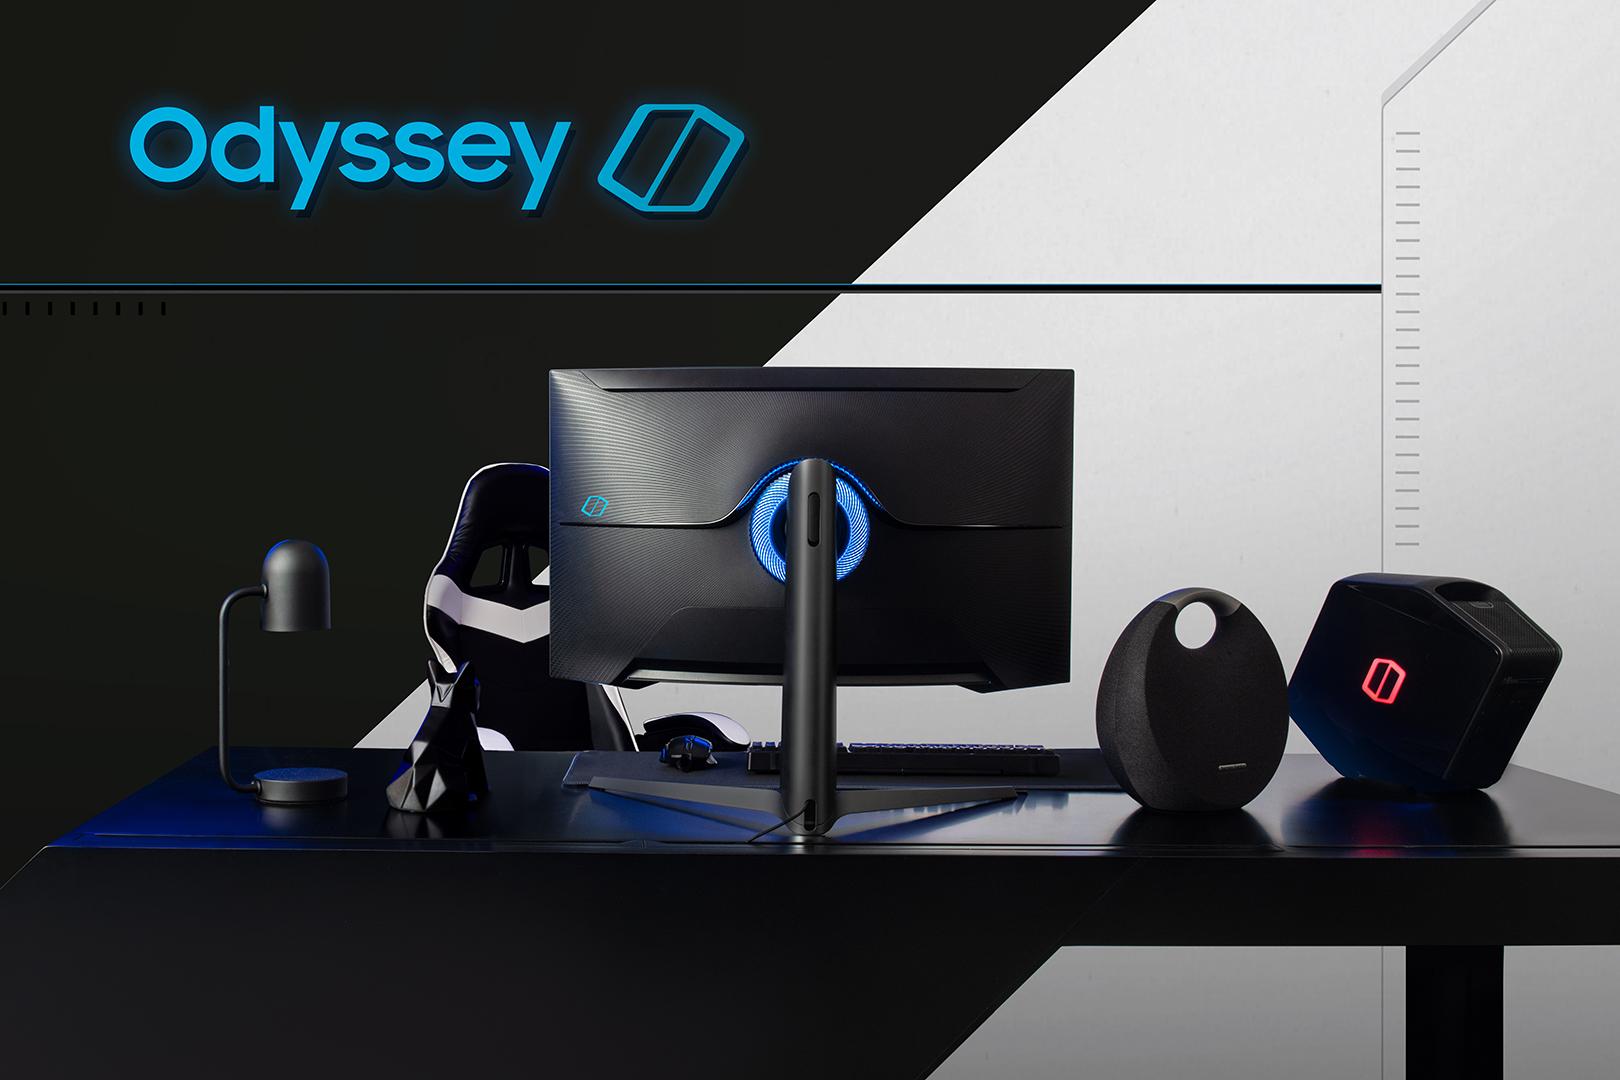 Samsung anunció sus nuevos monitores Odyssey